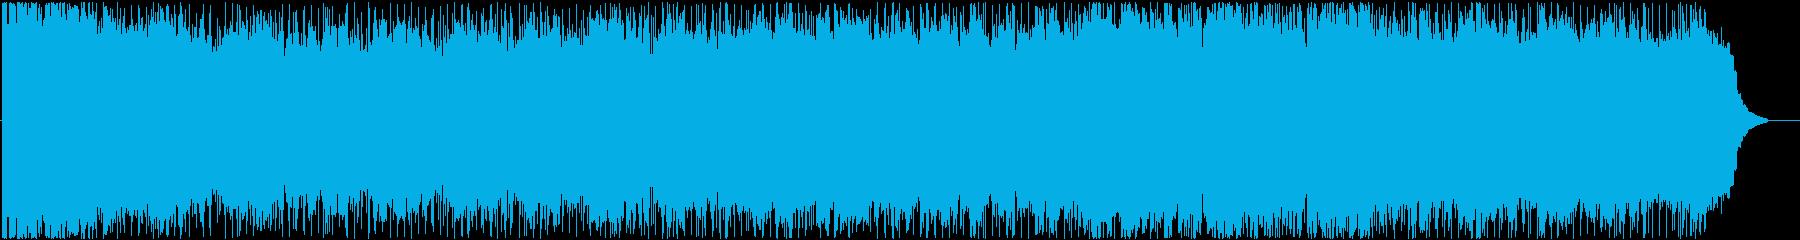 ピアノとストリングスによる爽やかなポップの再生済みの波形